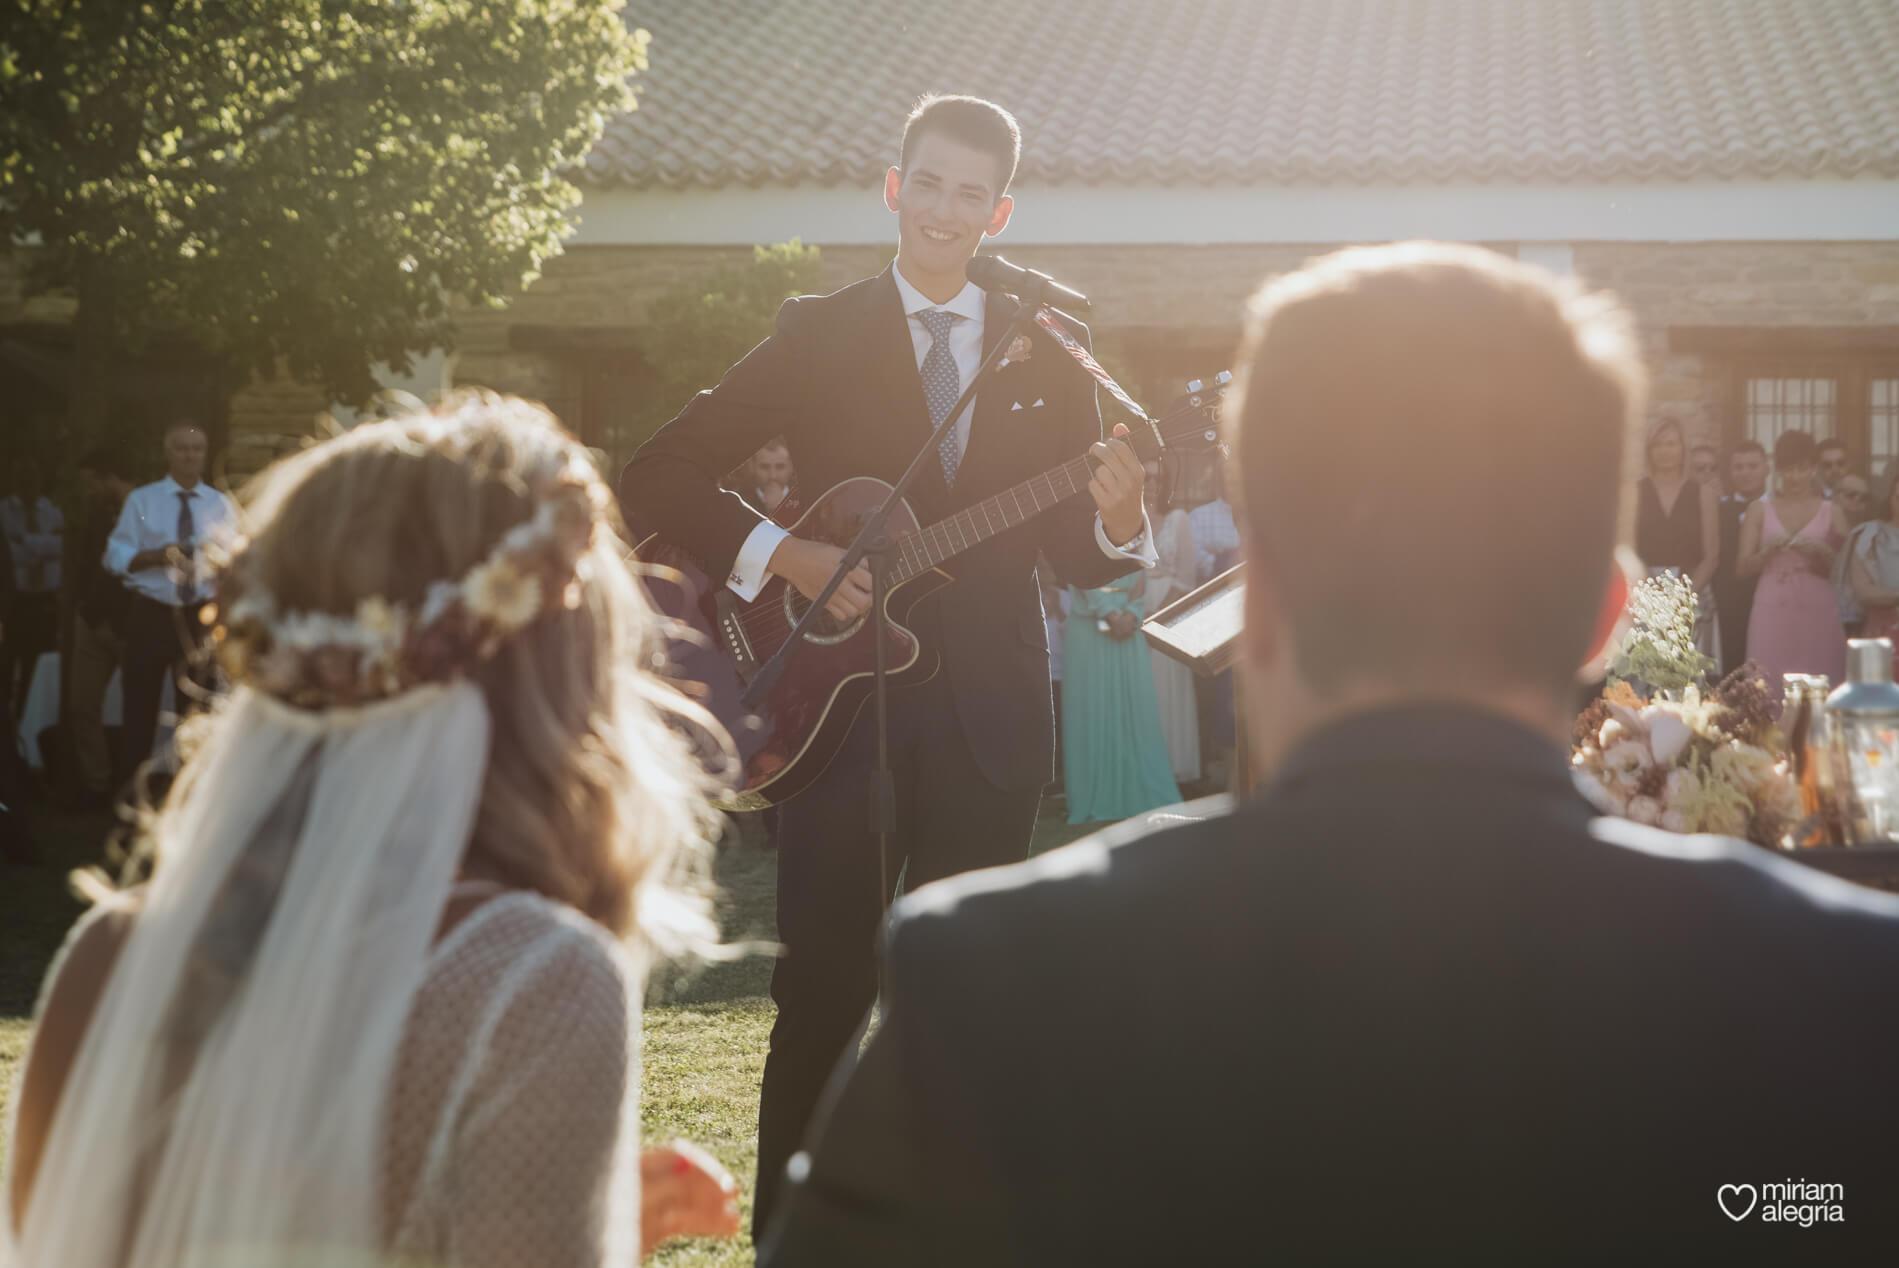 boda-en-collados-miriam-alegria-cayetana-ferrer-58